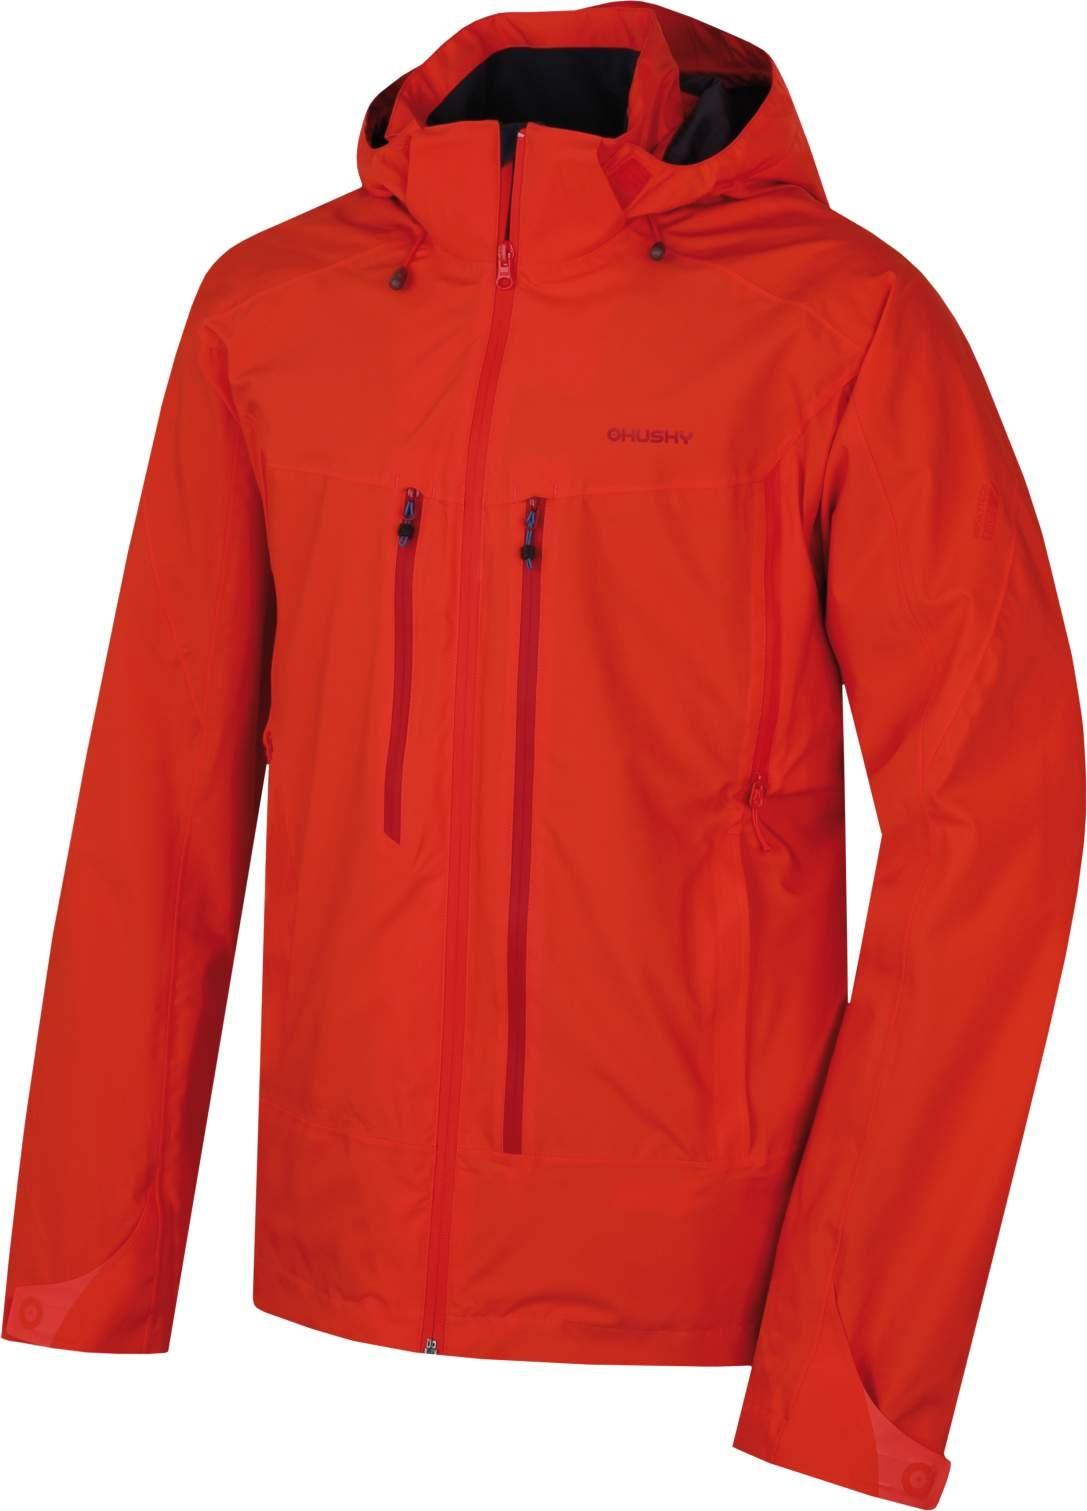 Husky Pánská outdoor bunda Nally M sv. červená Velikost: M